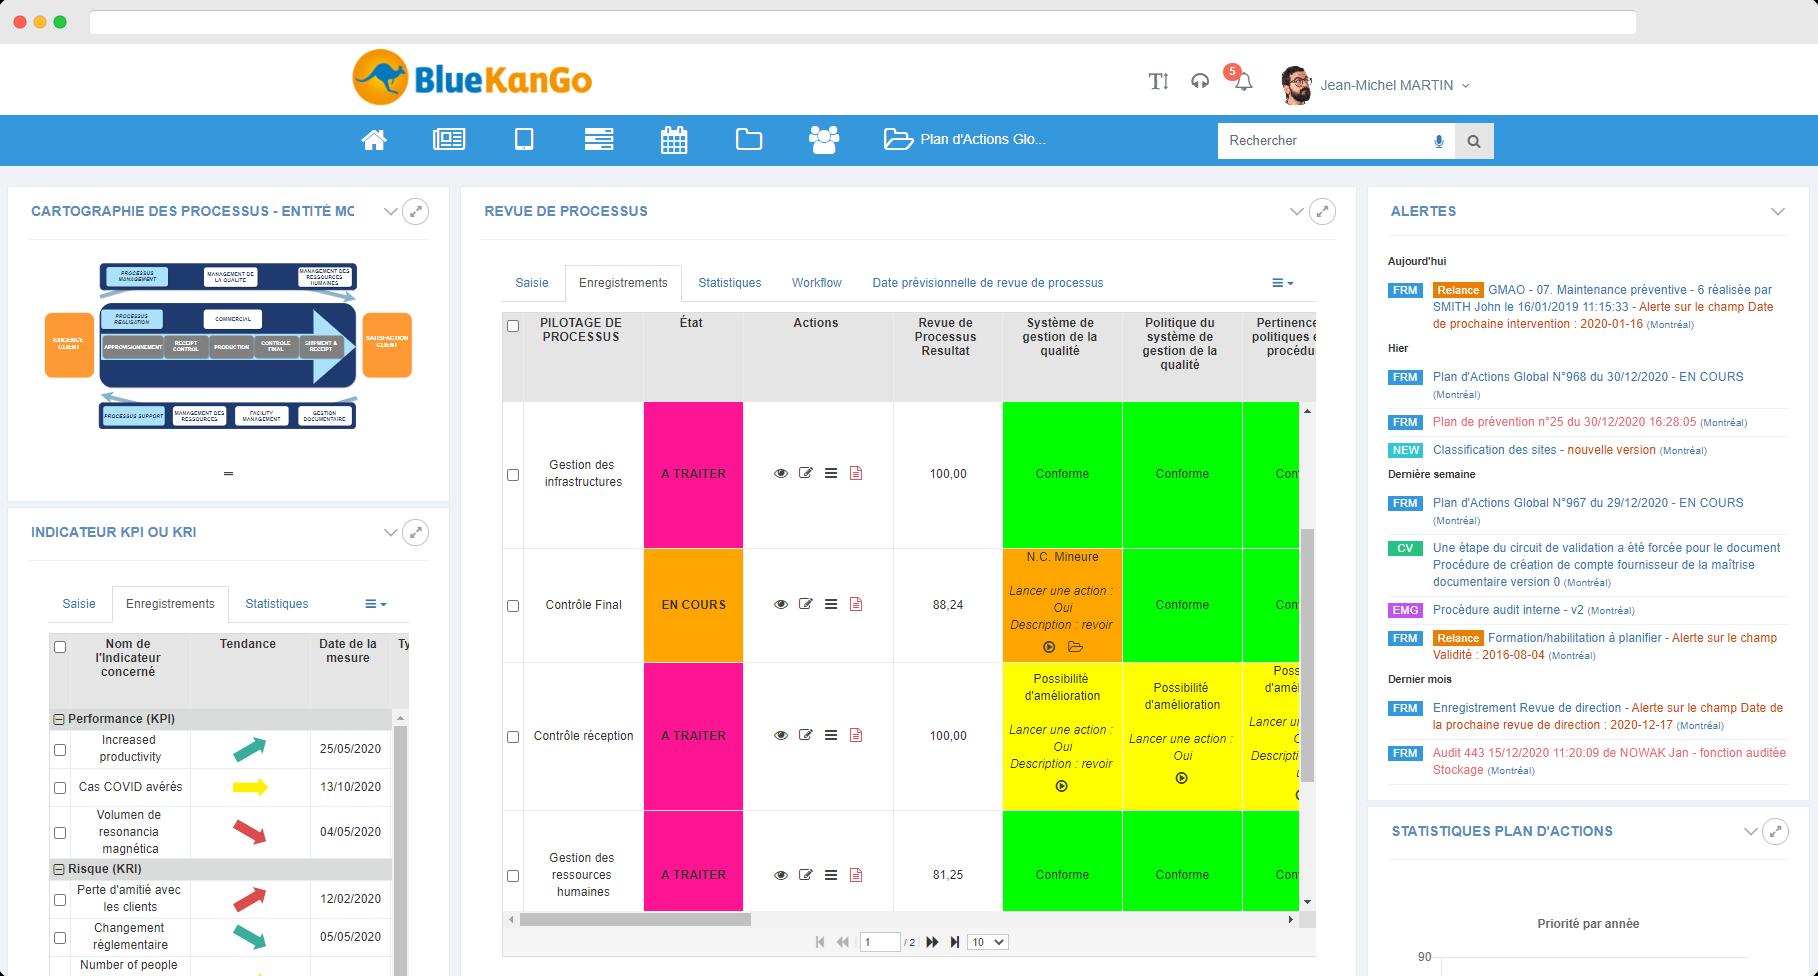 Capture d'écran : tableau de bord de la plateforme BlueKanGo sur la revue de processus